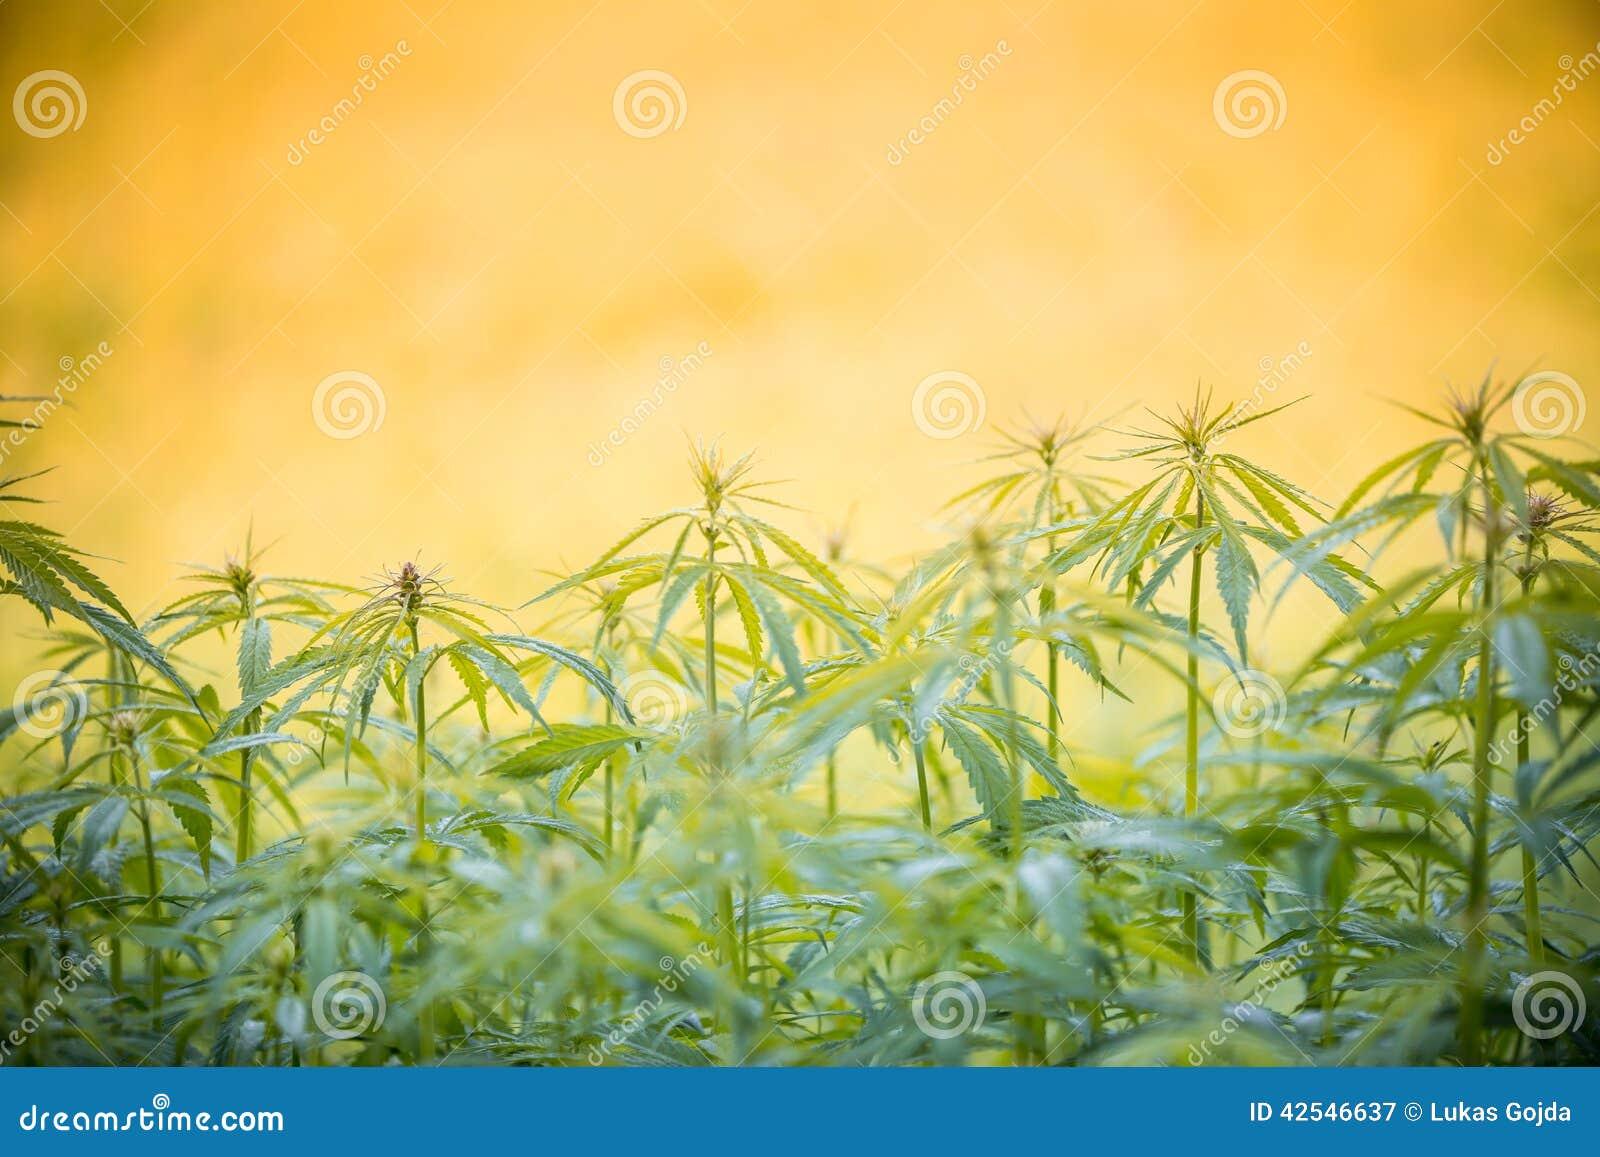 Cannabis leaf, marijuana plant